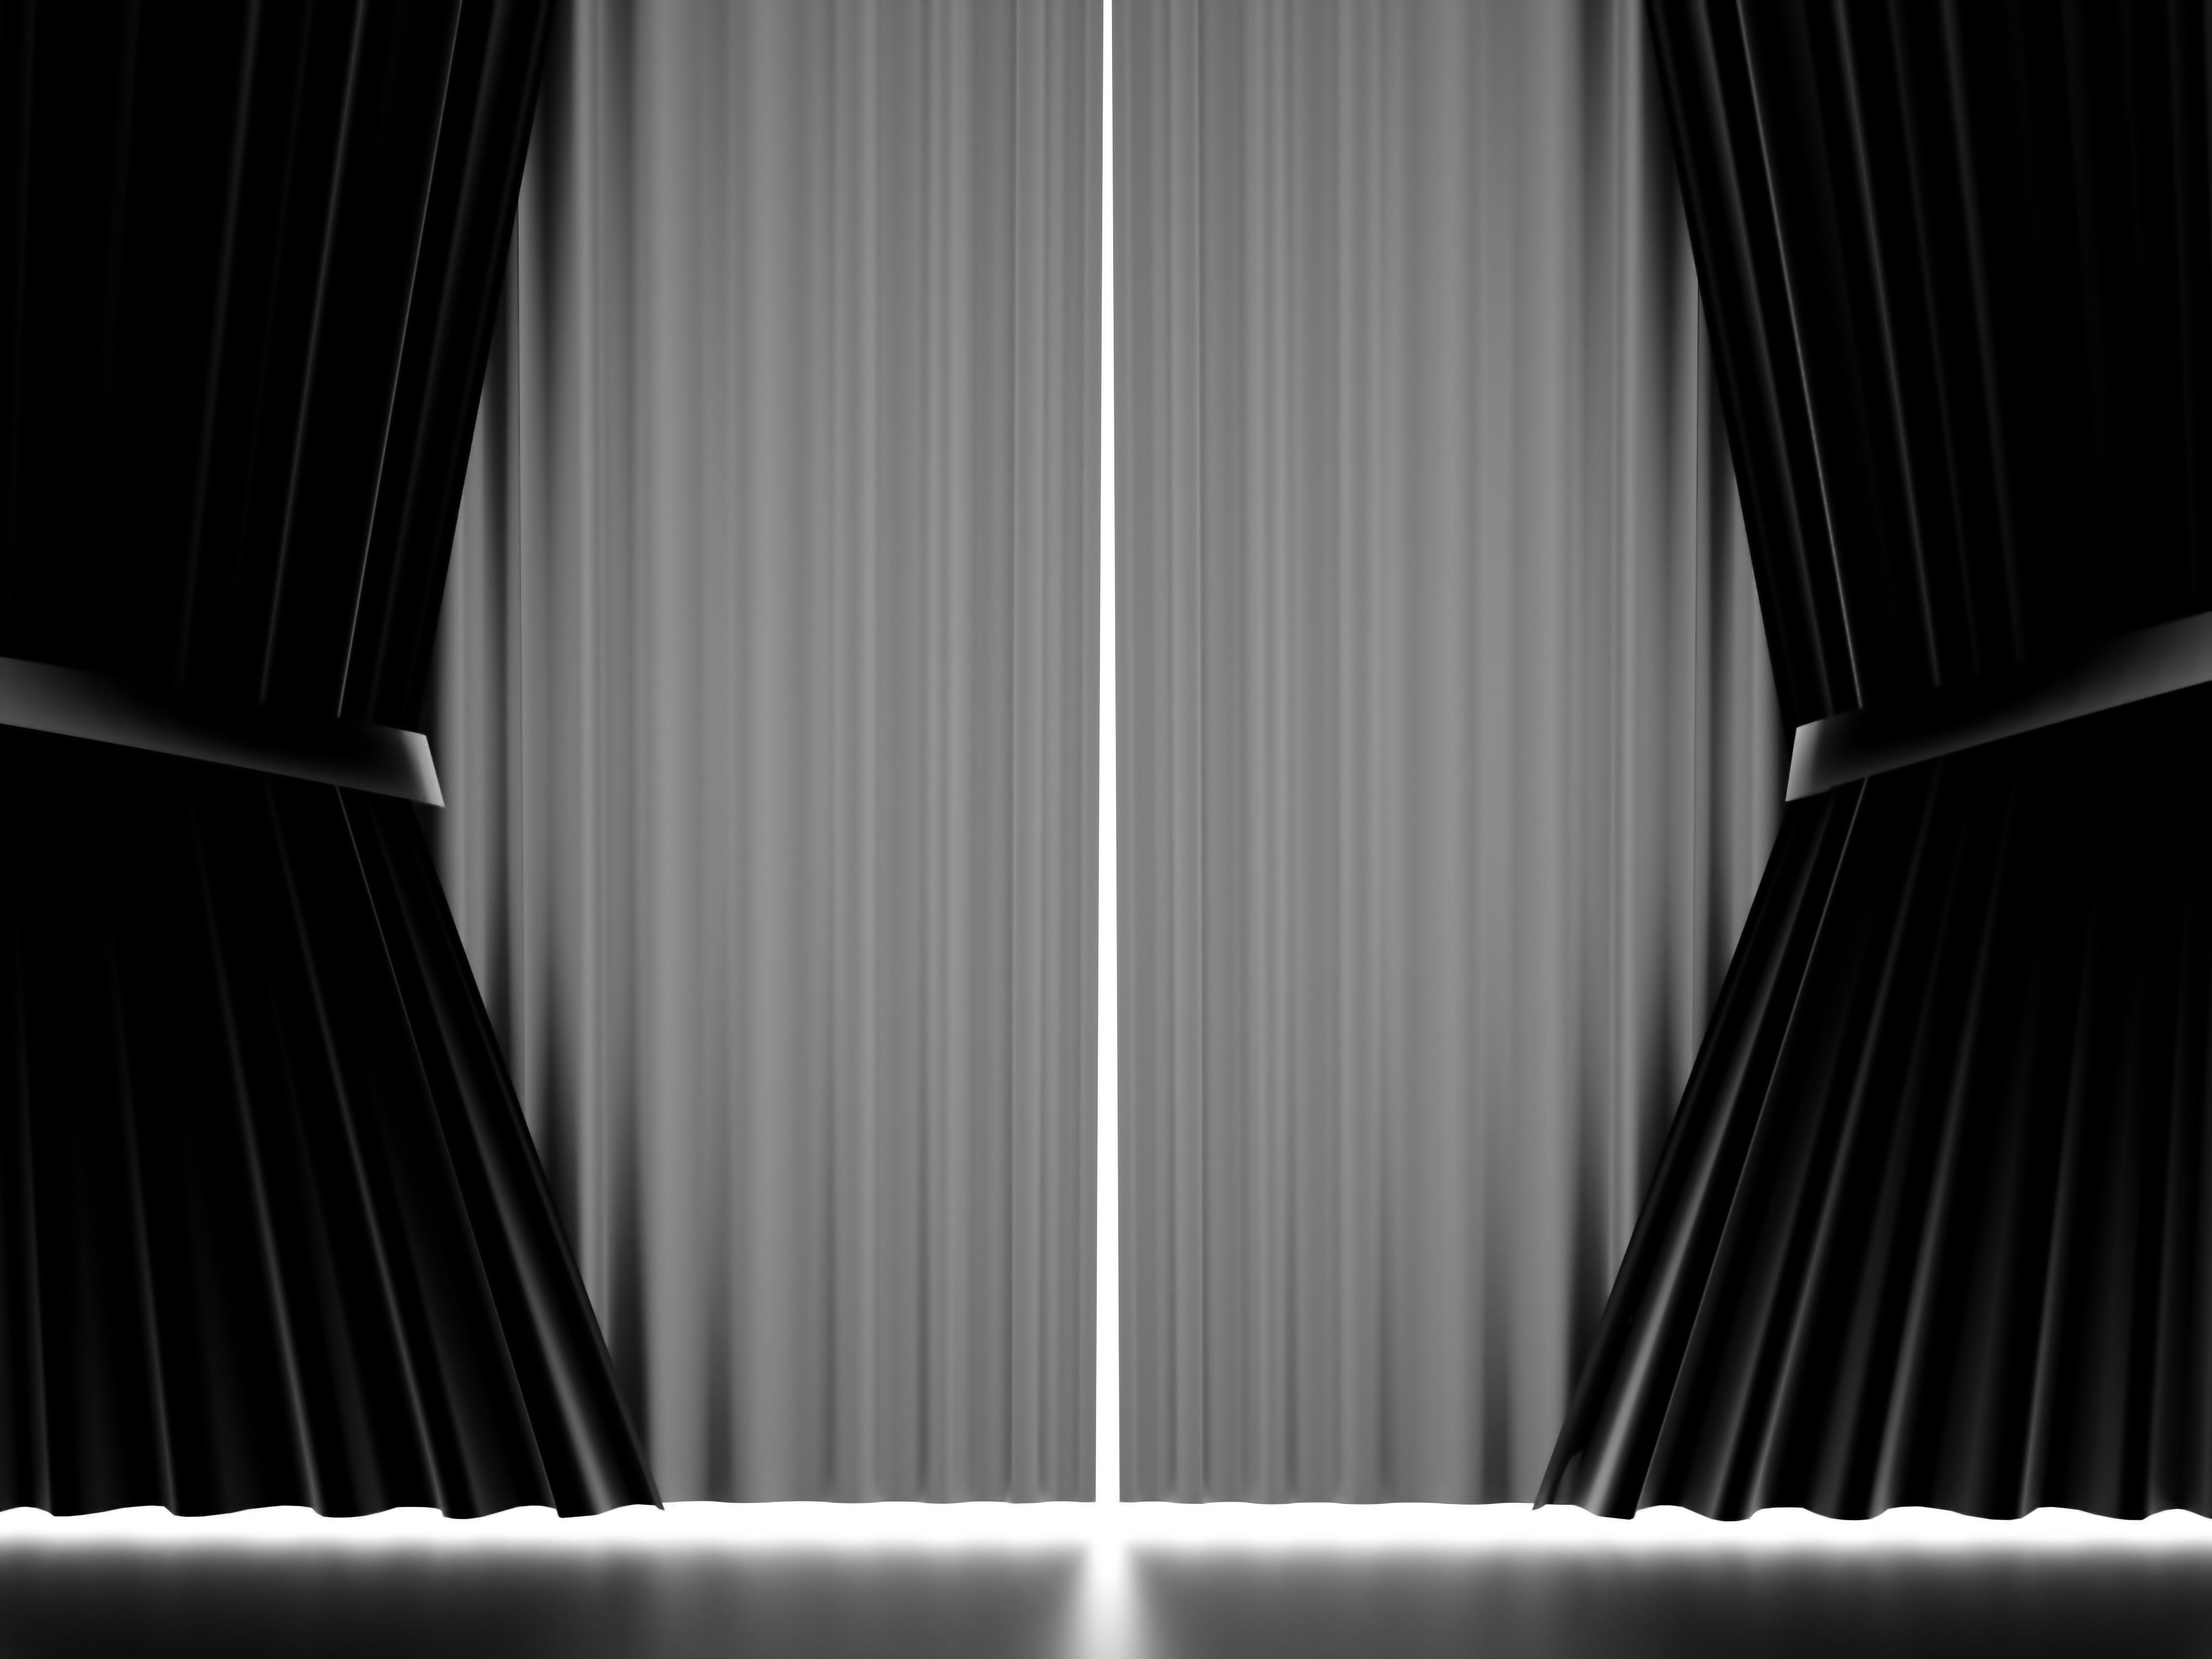 黒いカーテンのお部屋集 男女ともに人気なアイテムでおしゃれインテリアに Hello Interior Note ノート